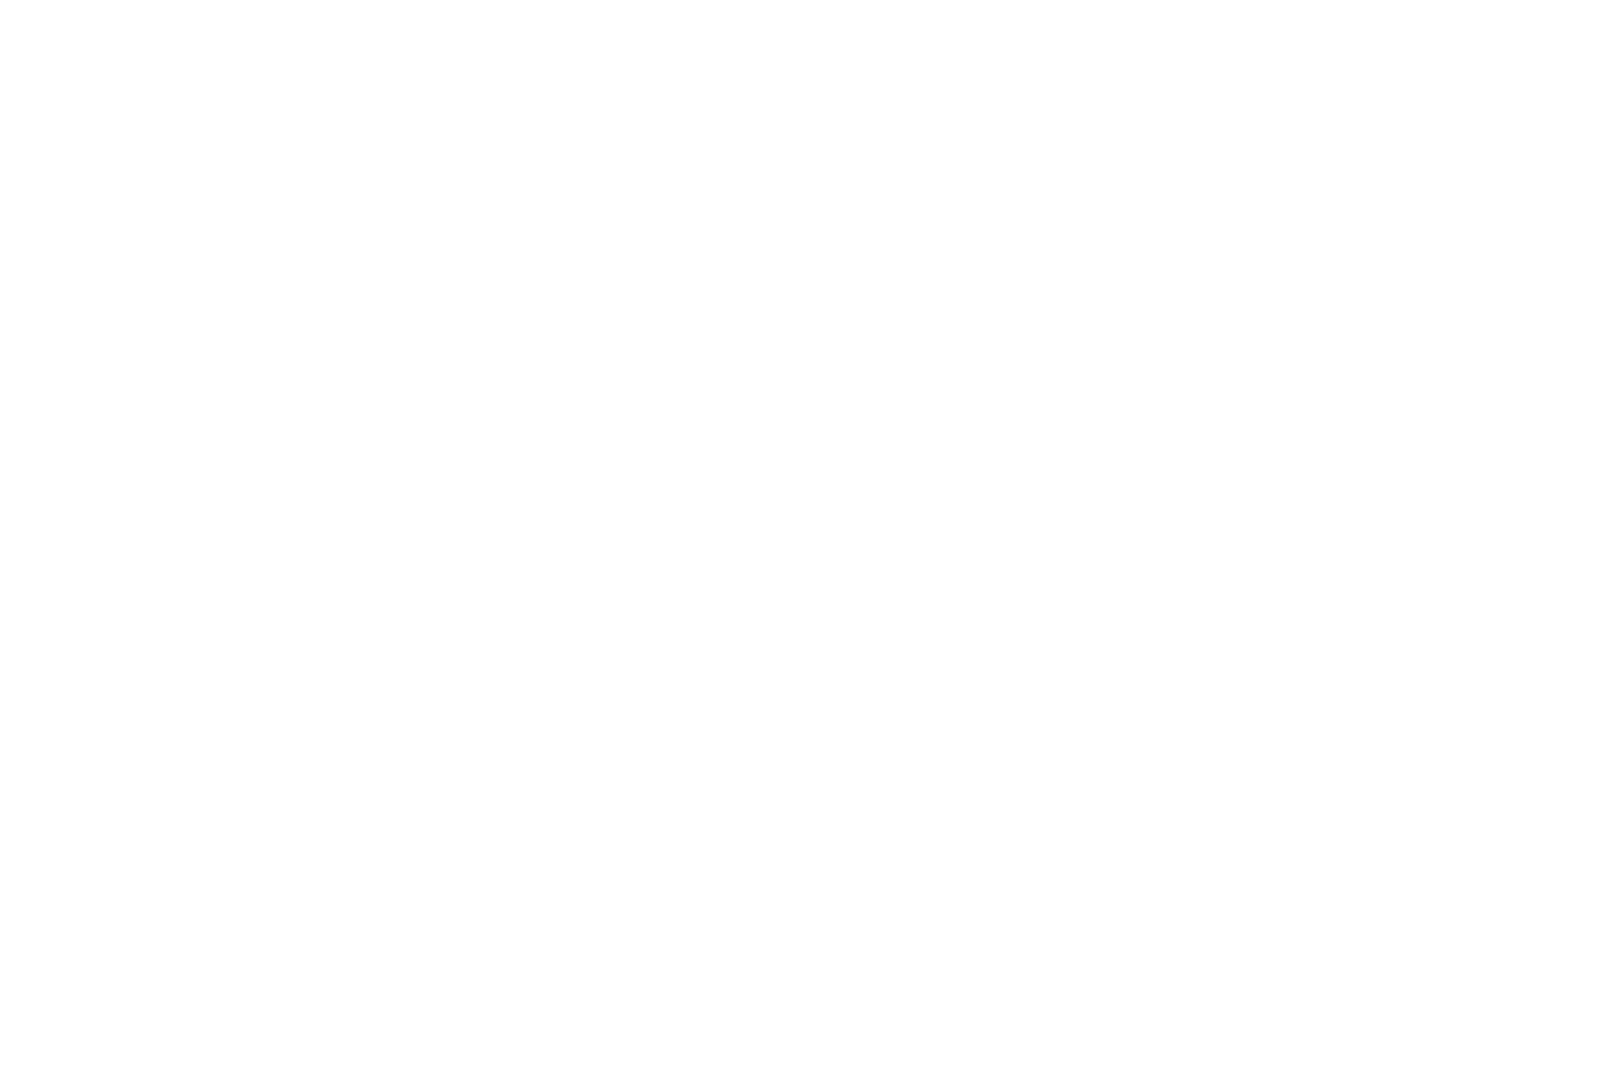 充血監督の深夜の運動会Vol.8 チクビ オマンコ無修正動画無料 106画像 39